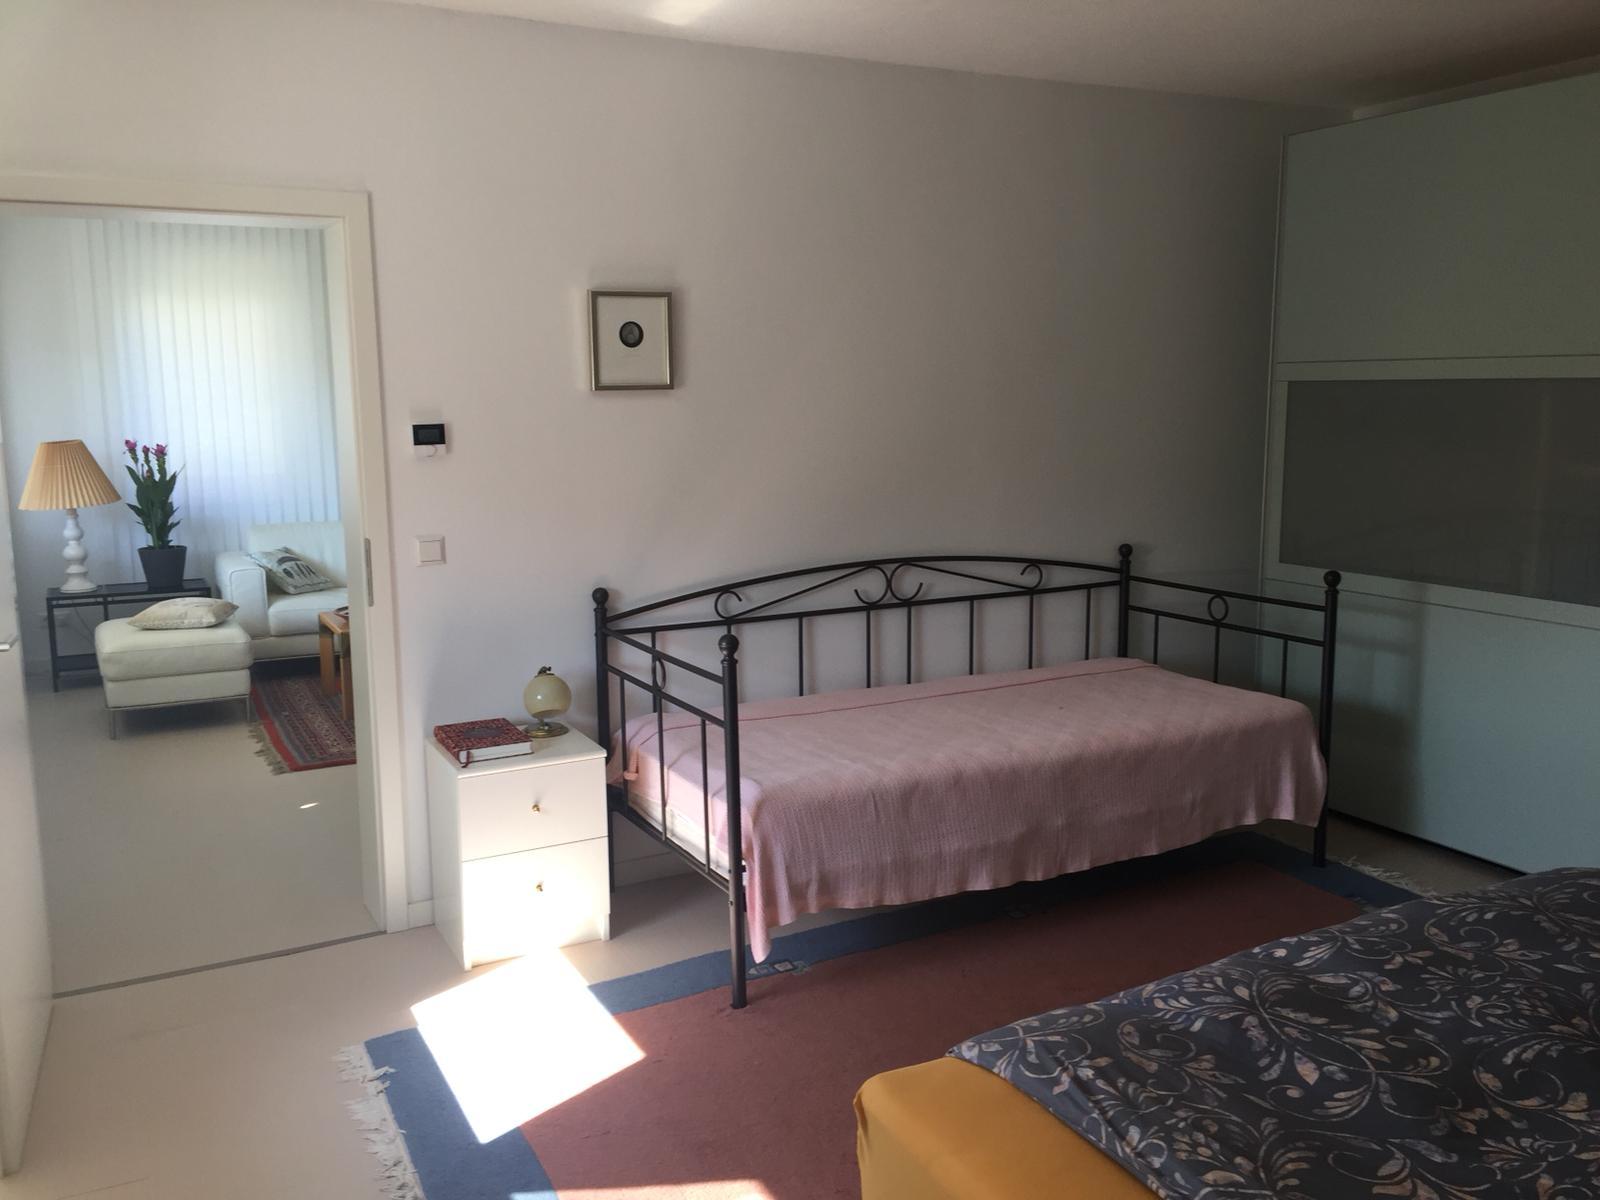 Das separate Bett kann bei Bedarf auch im Wohnzimmer stehen